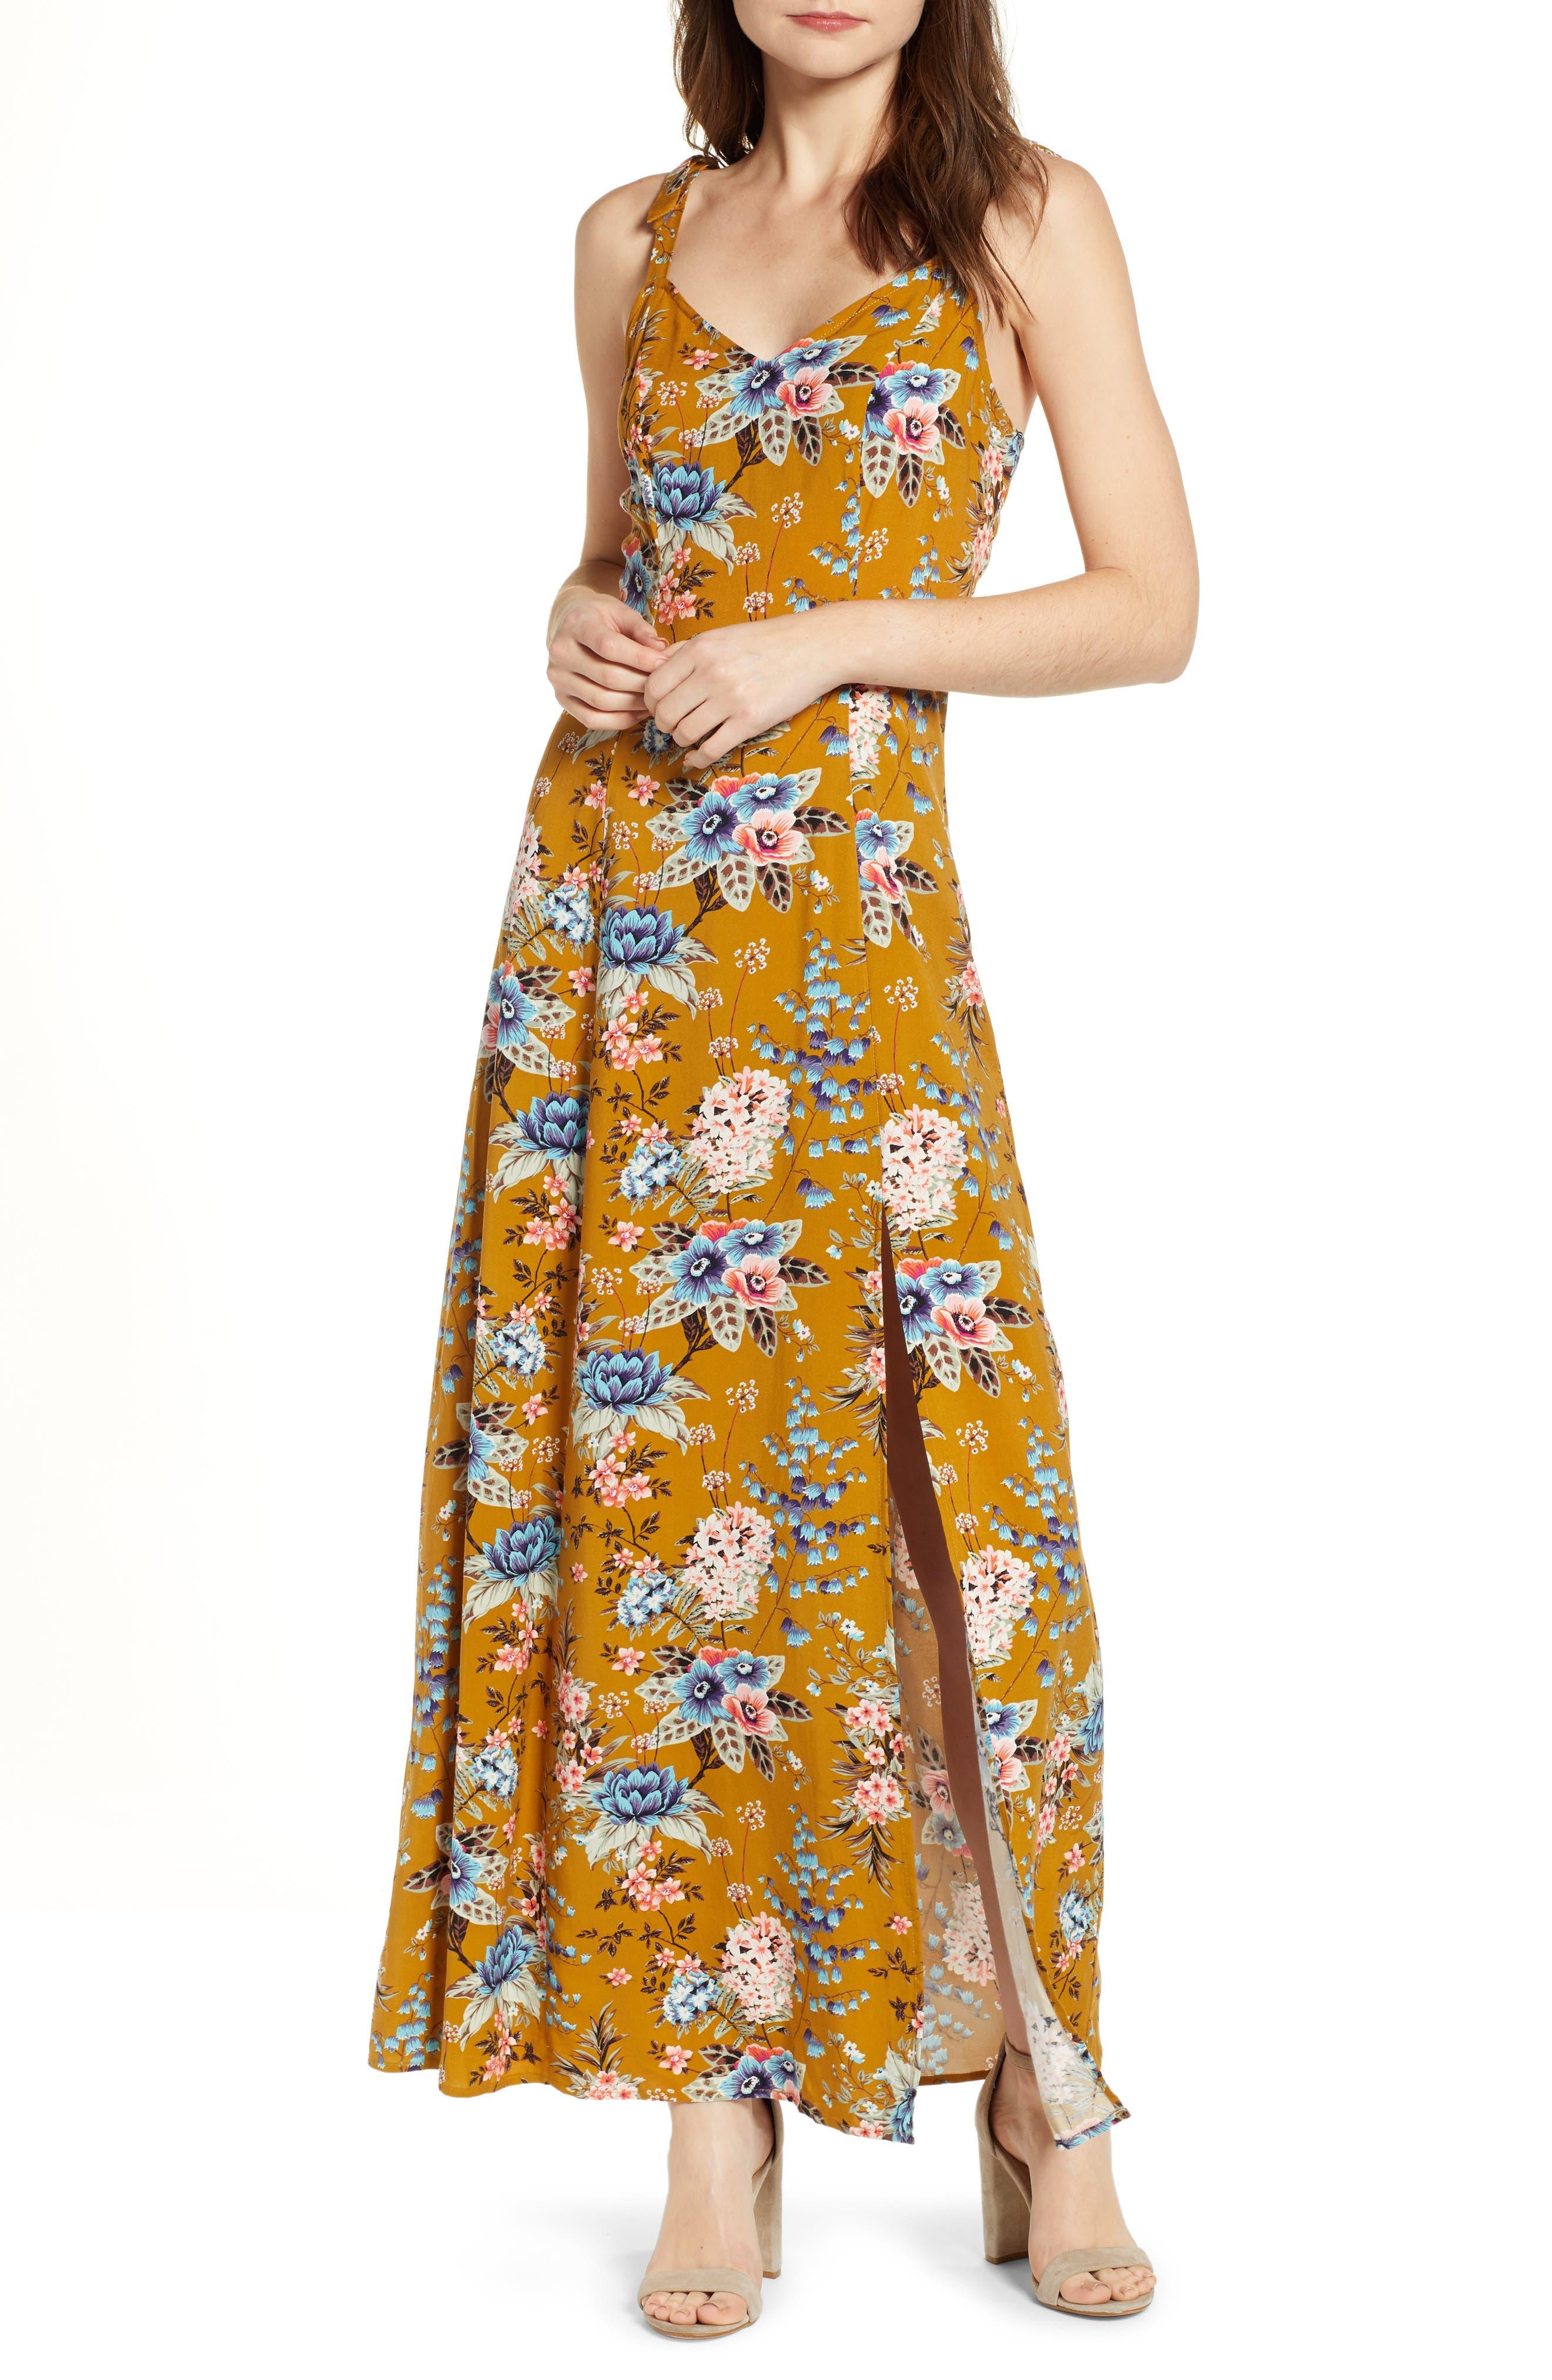 BP., Floral Tie Strap Maxi Dress, Main thumbnail 1, color, BROWN BRONZE KRISTA FLORAL